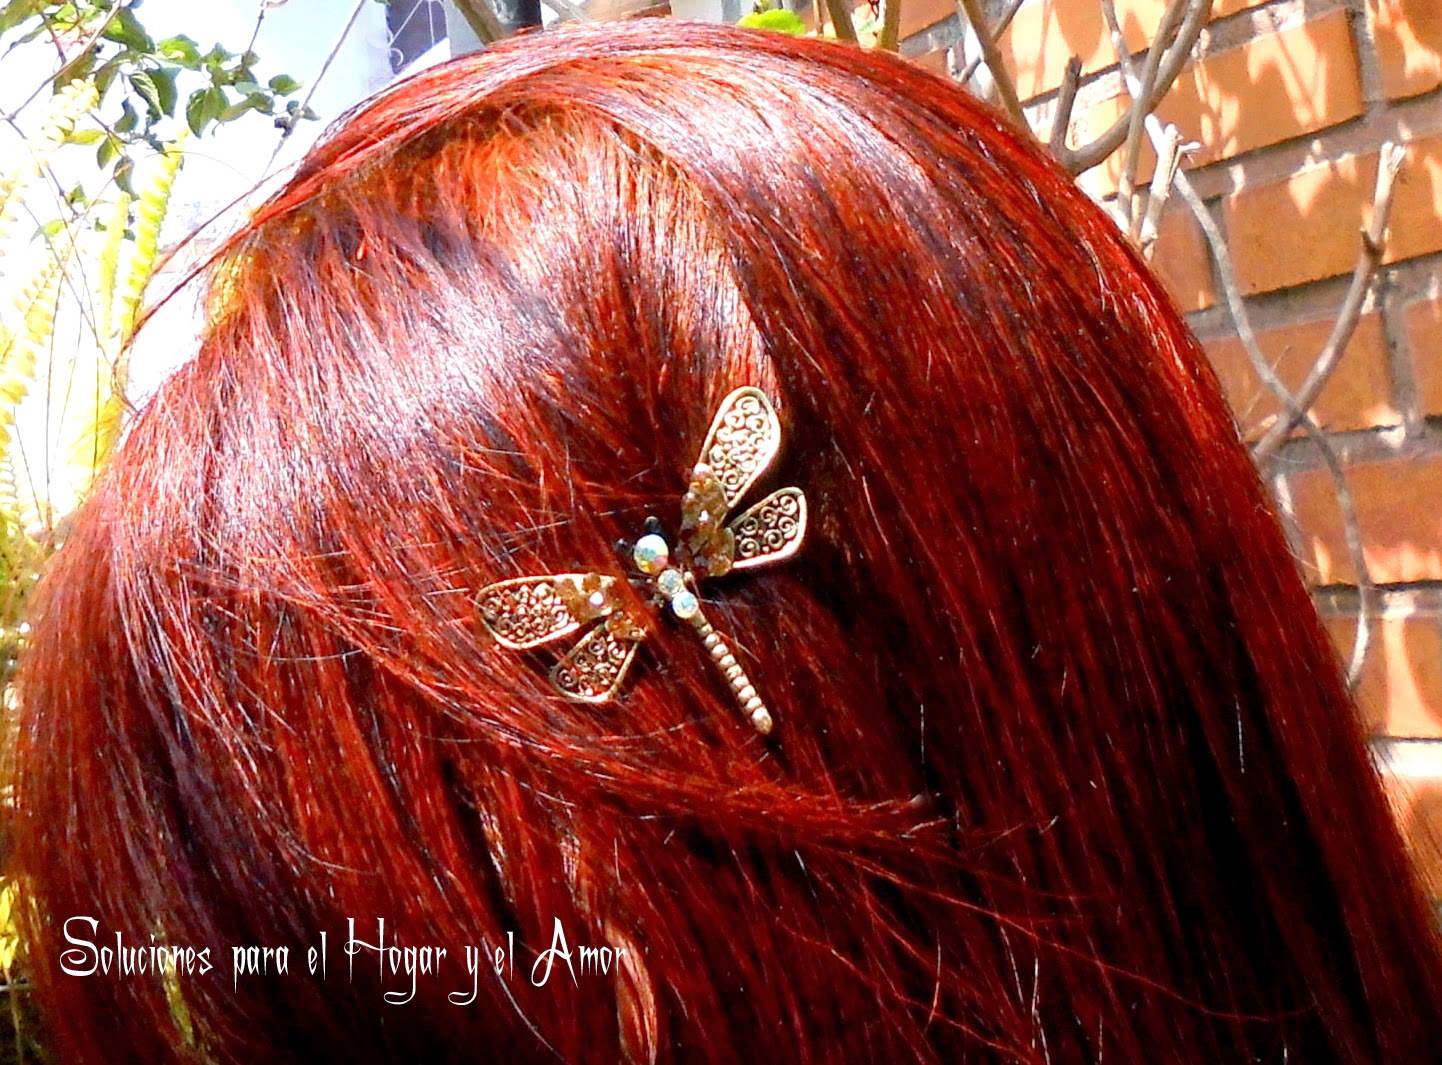 Como teñirse con Henna Tinte Natural para el Cabello, el resultado de como tiñe la henna el cabello de color rojo cobrizo